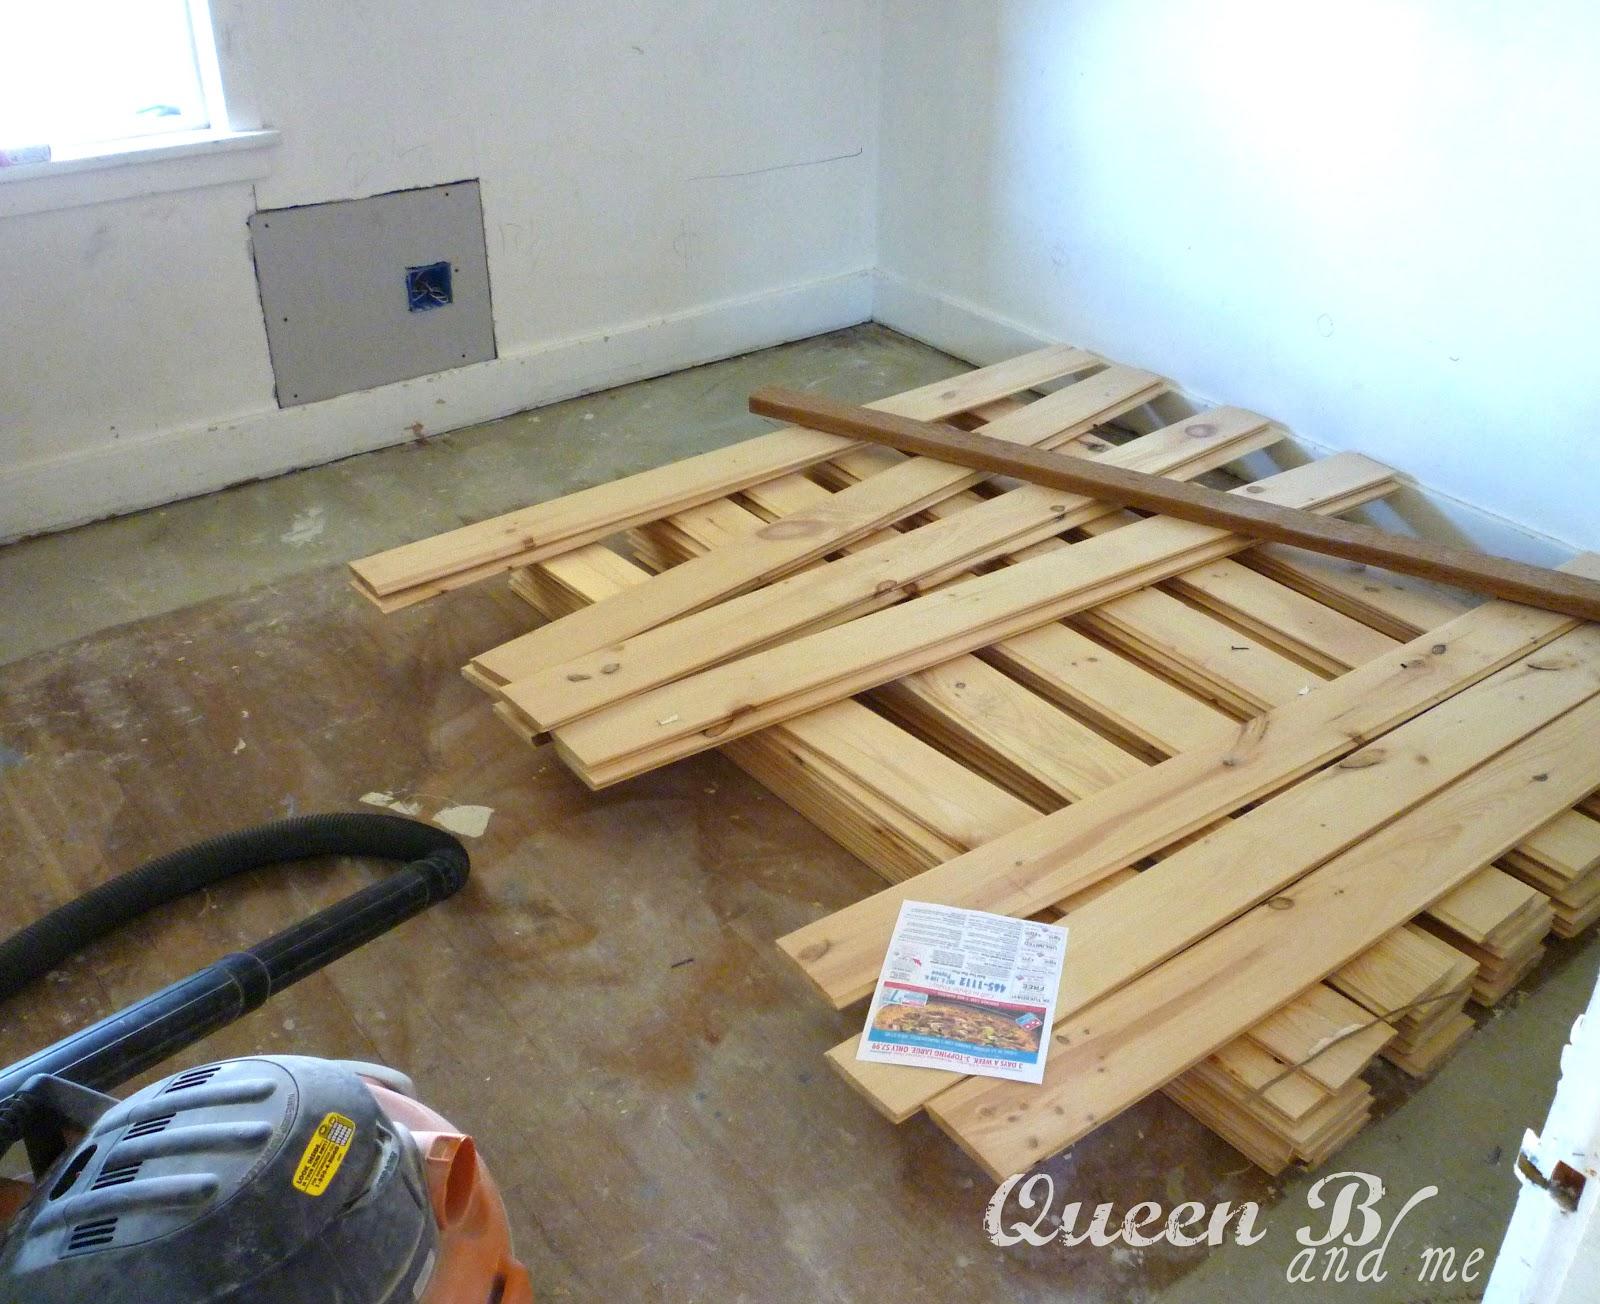 Queen b me how to refinish hardwood floors for Hardwood floors queen christina